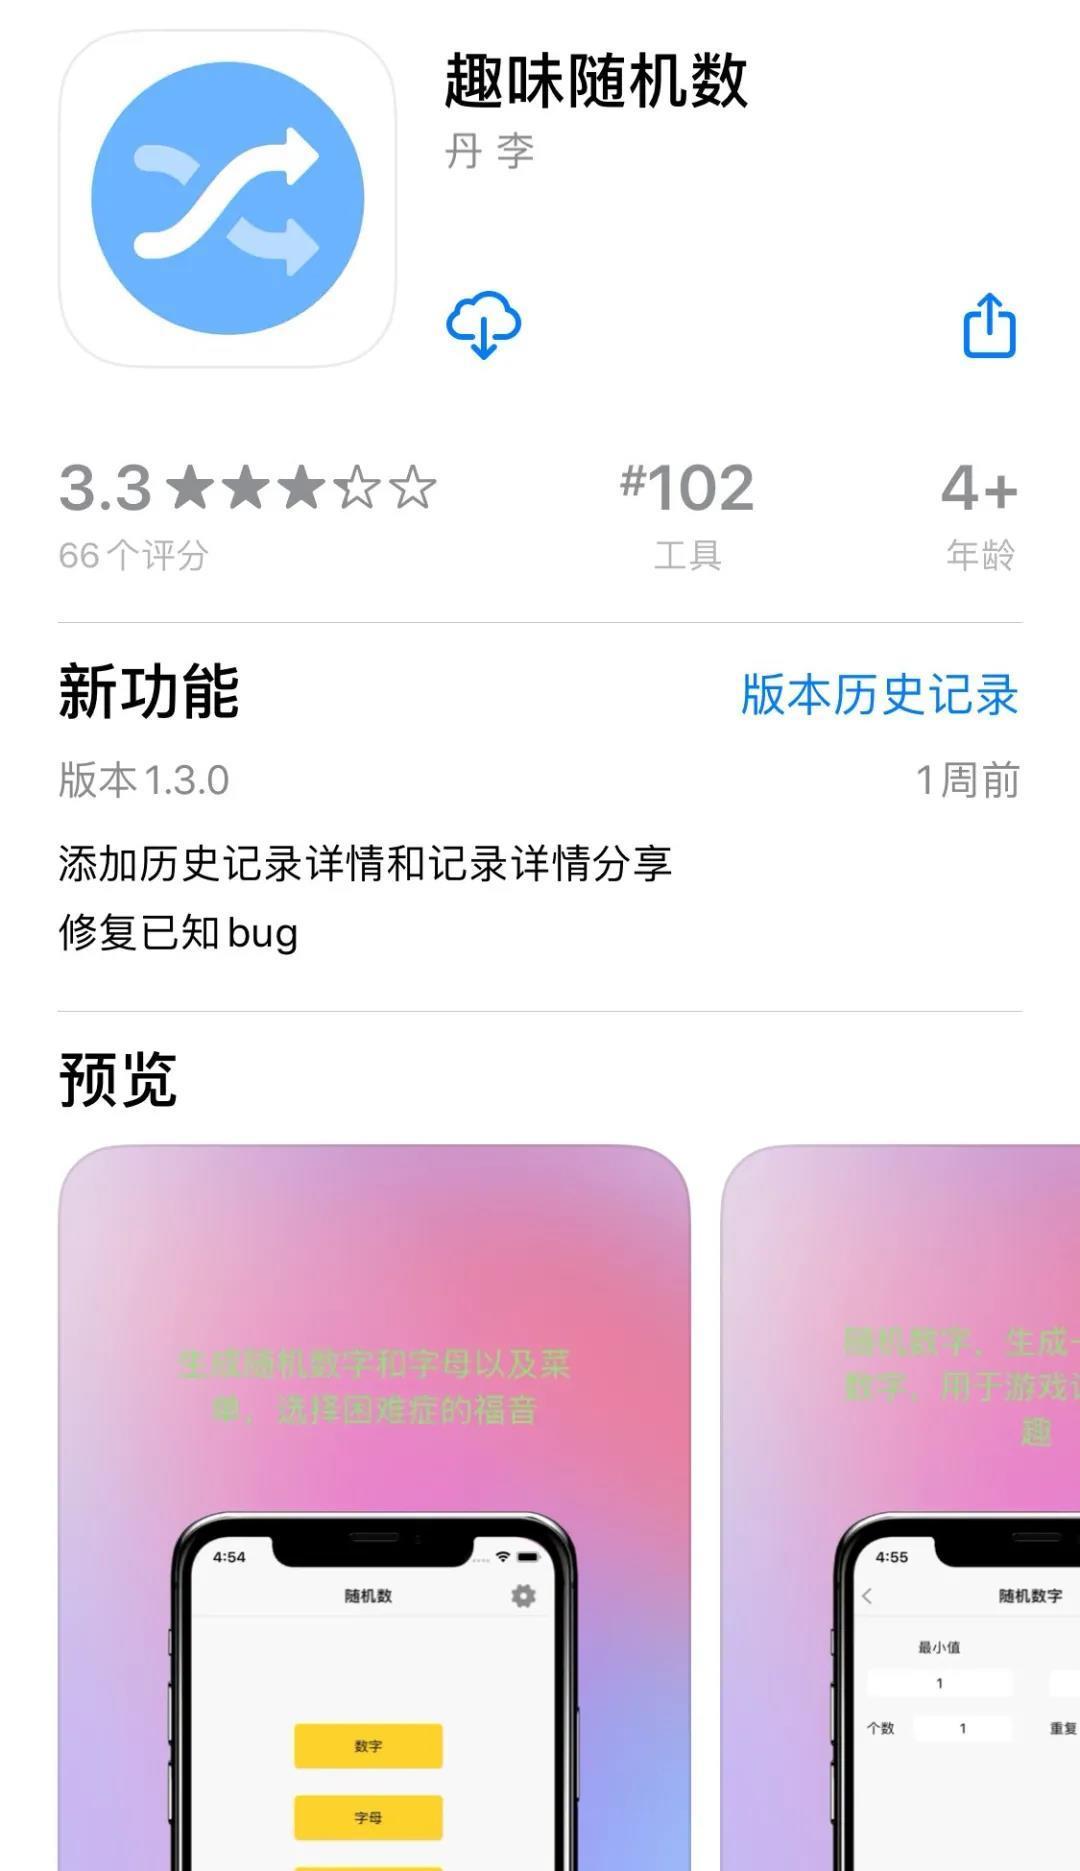 5fe533973ffa7d37b3c42d68 支持iOS、安卓 ,同时 iPad也可以使用--肥波影视